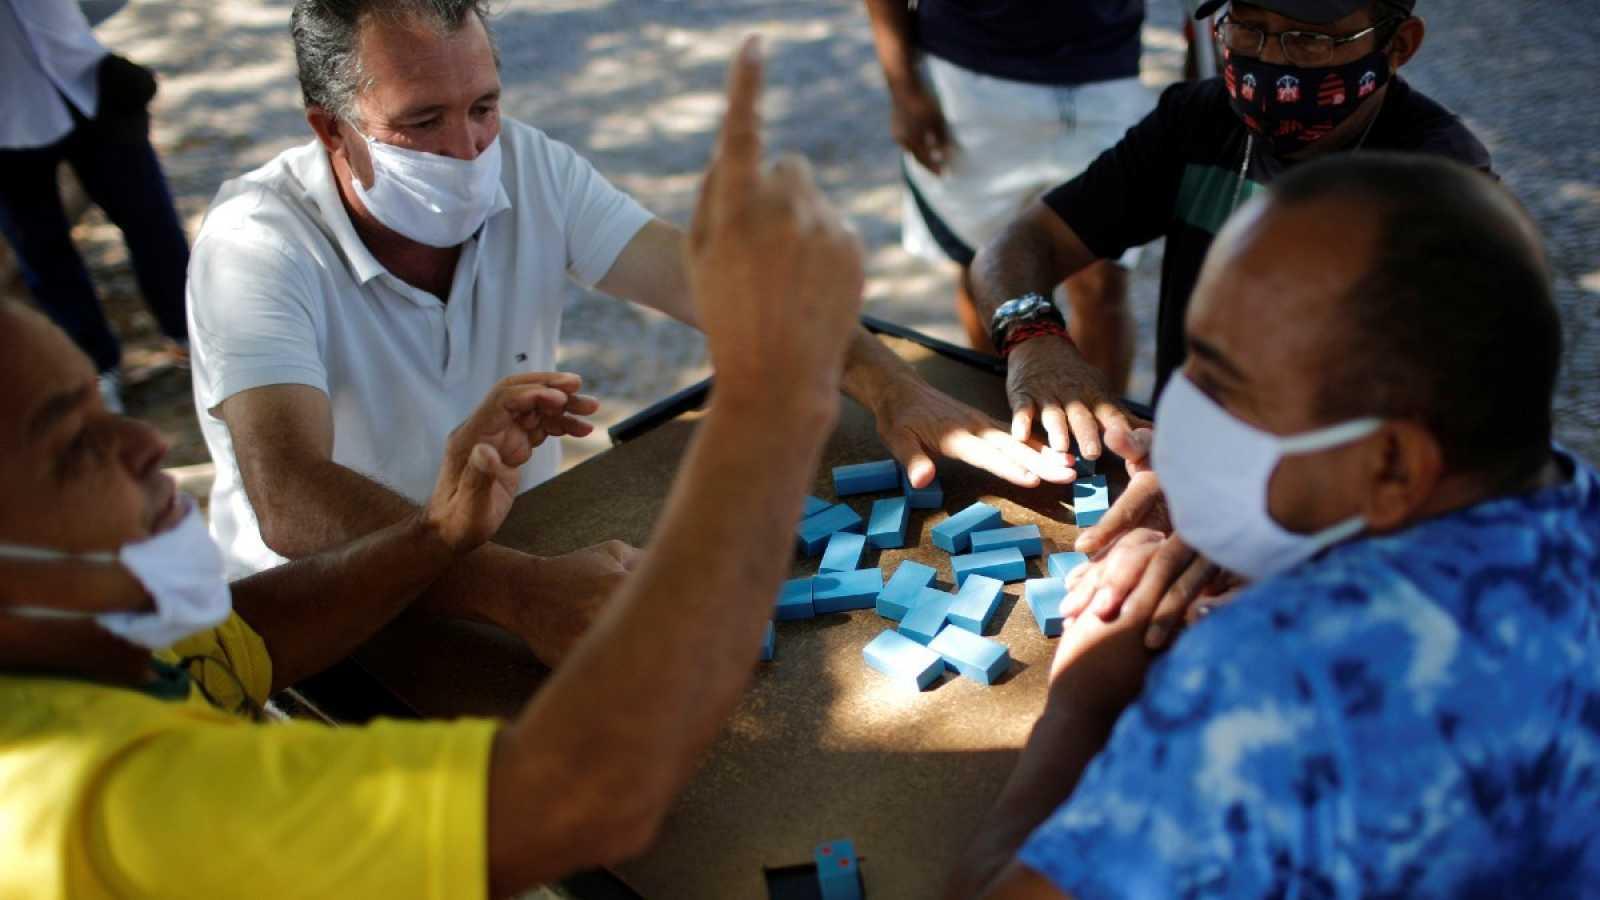 Un grupo juega dominó en una calle de Ceilandia, Brasilia, durante la pandemia